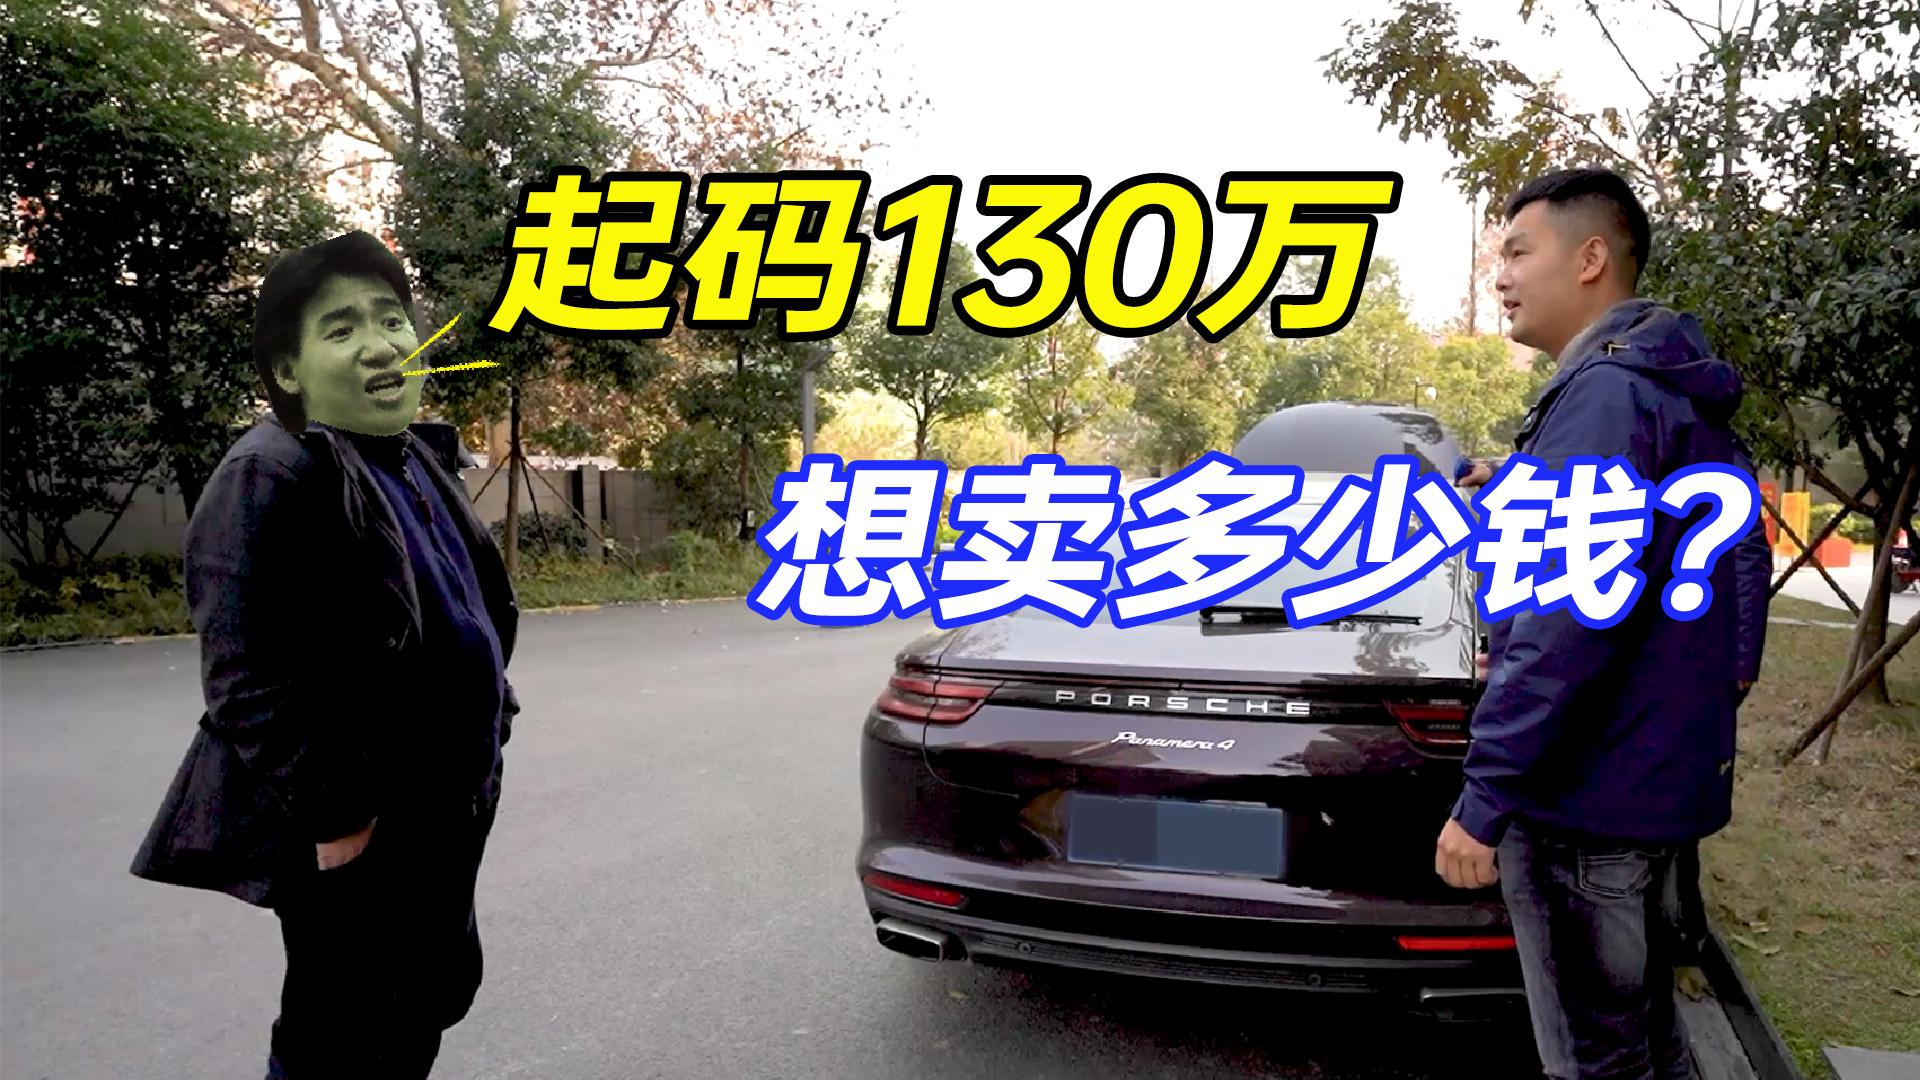 小胡花110万买二手保时捷帕拉梅拉,车主要130万,看这车值吗